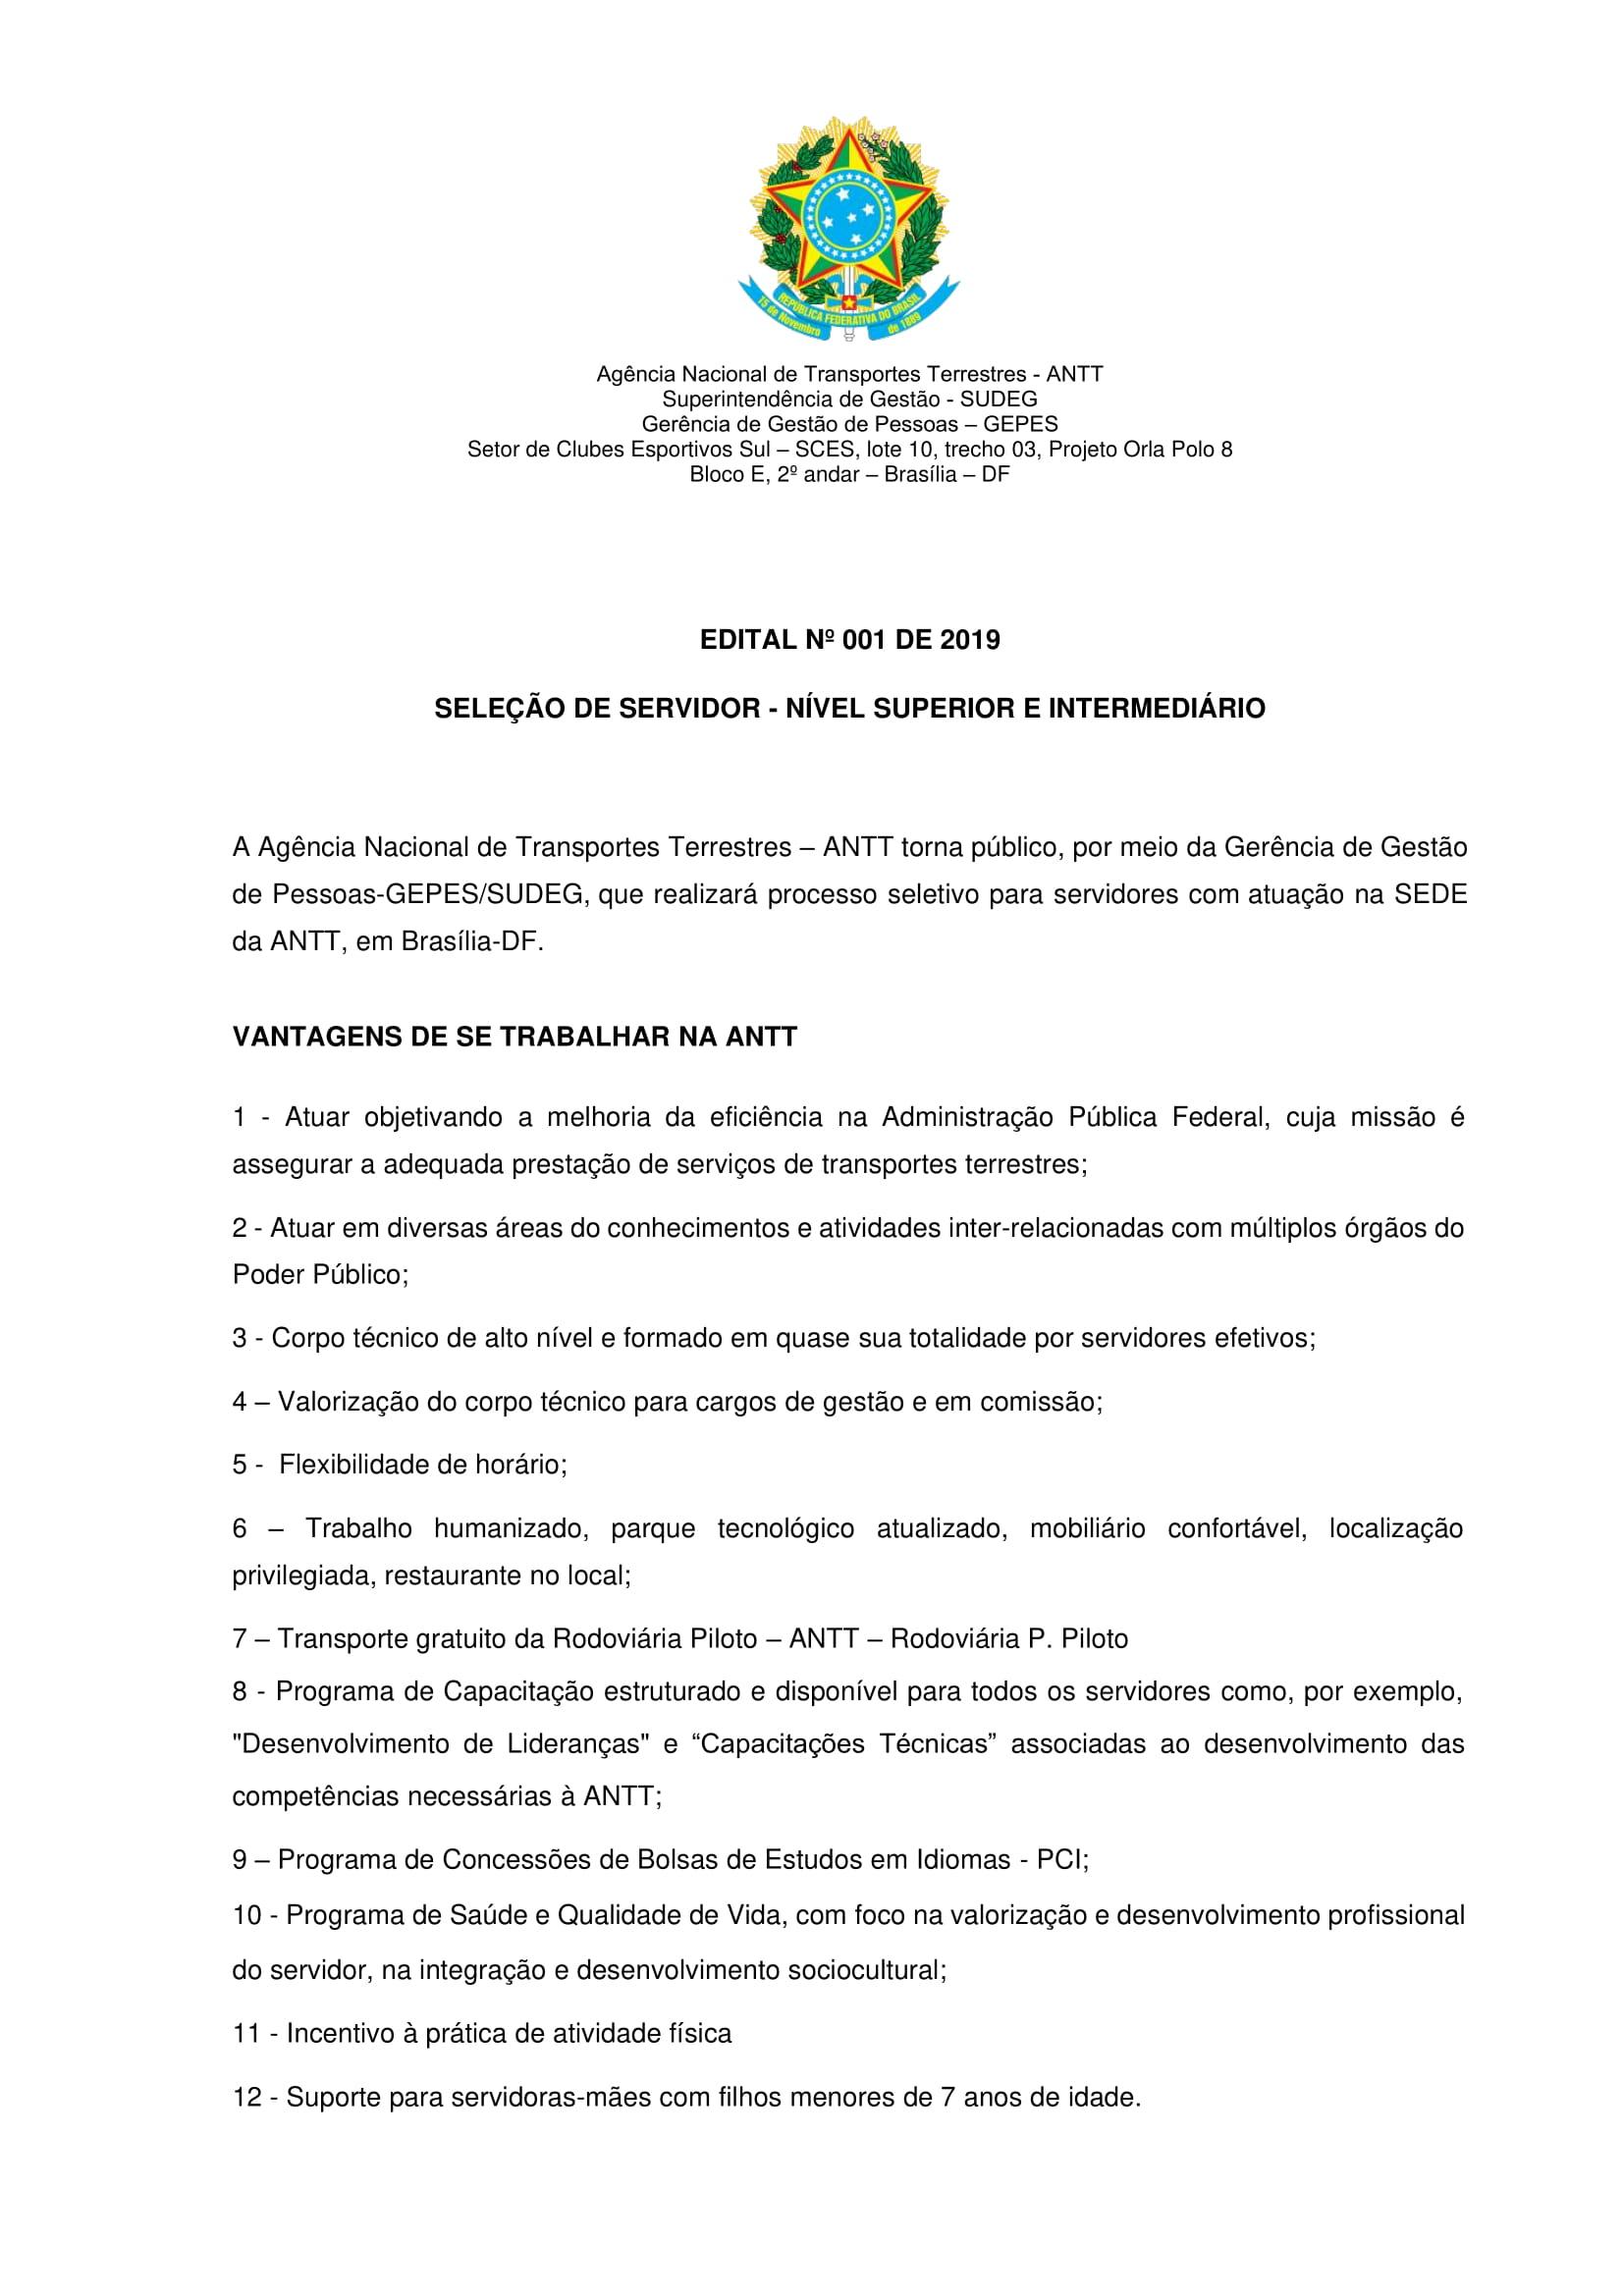 EDITAL_ANTT_PROCESSO_SELETIVO_MOVIMENTACAO_DE_SERVIDOR_07082019-1